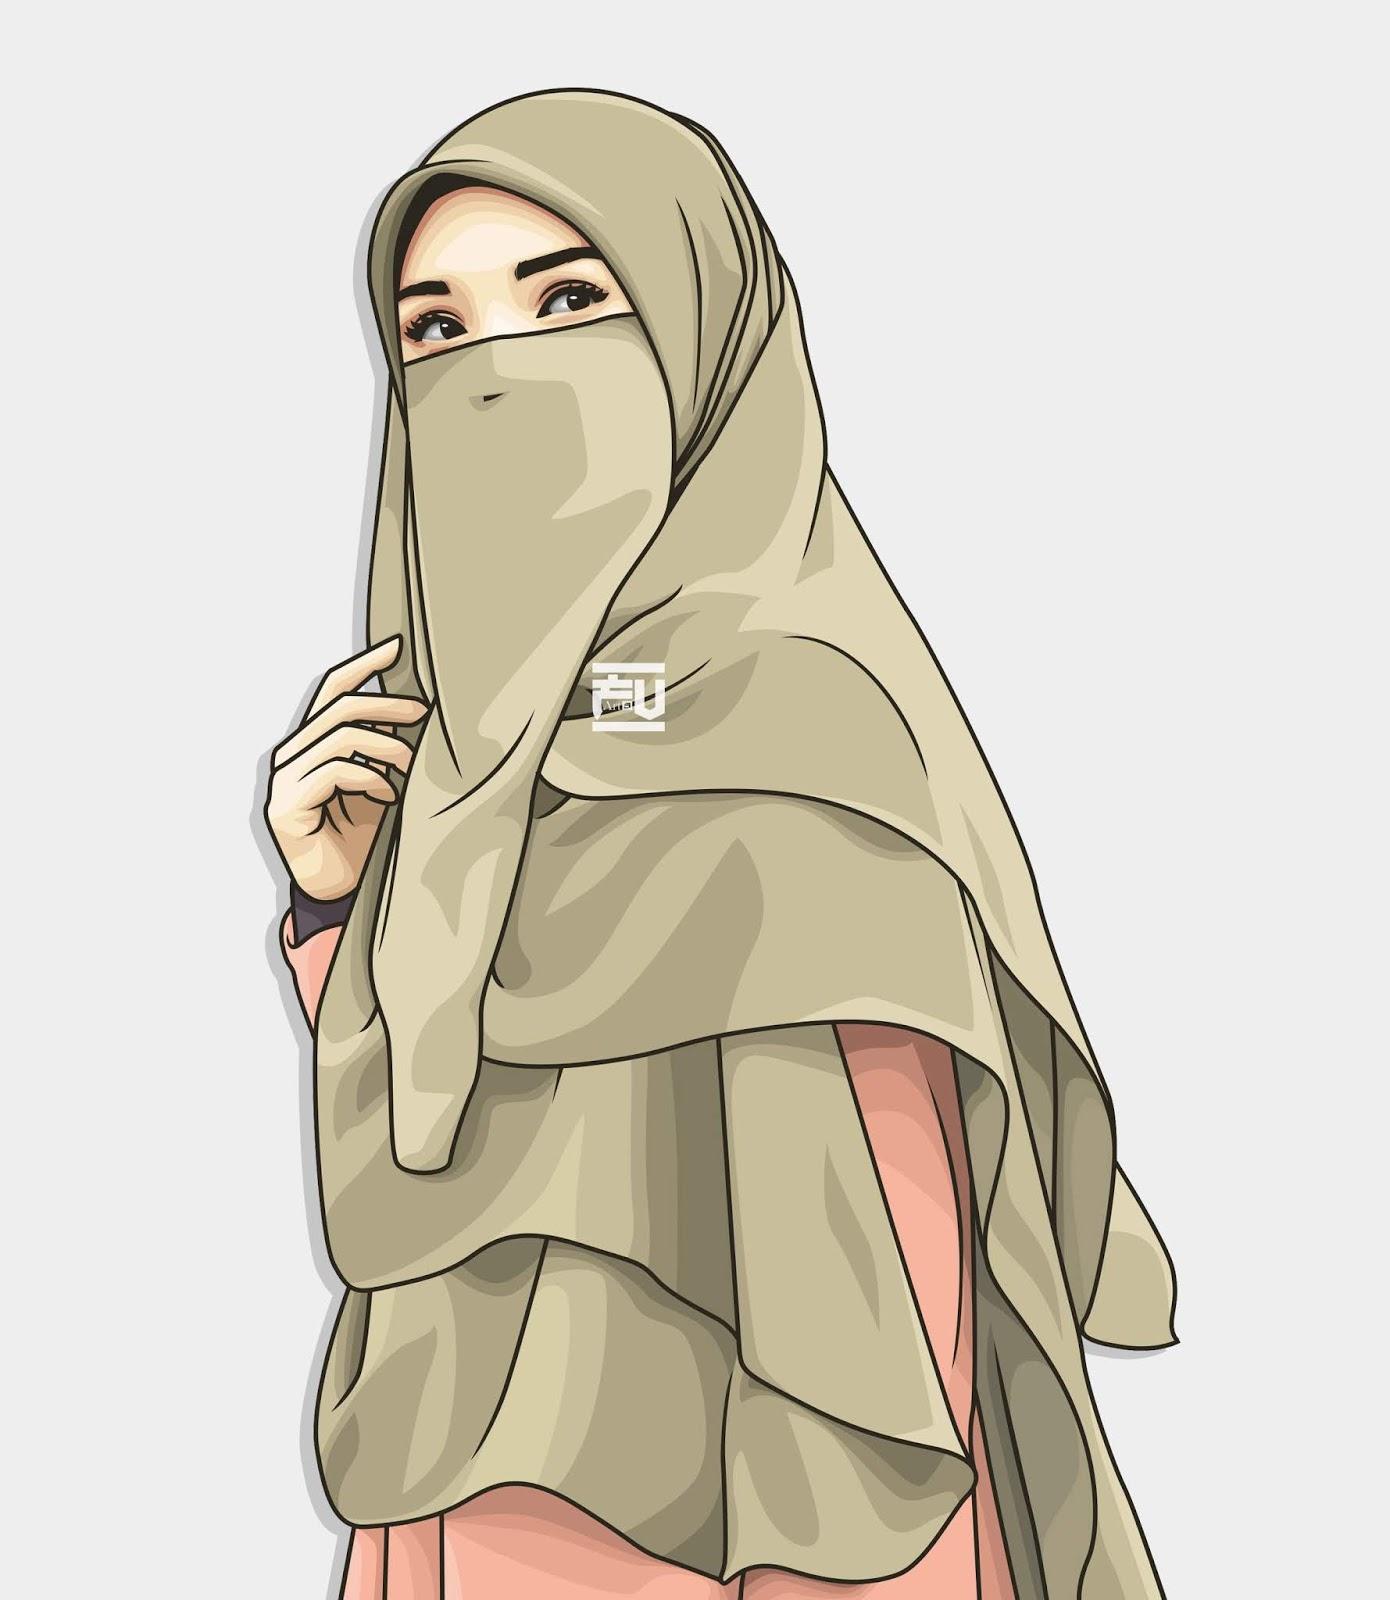 620 Gambar Kartun Wanita Muslimah Bercadar Cantik Terbaik